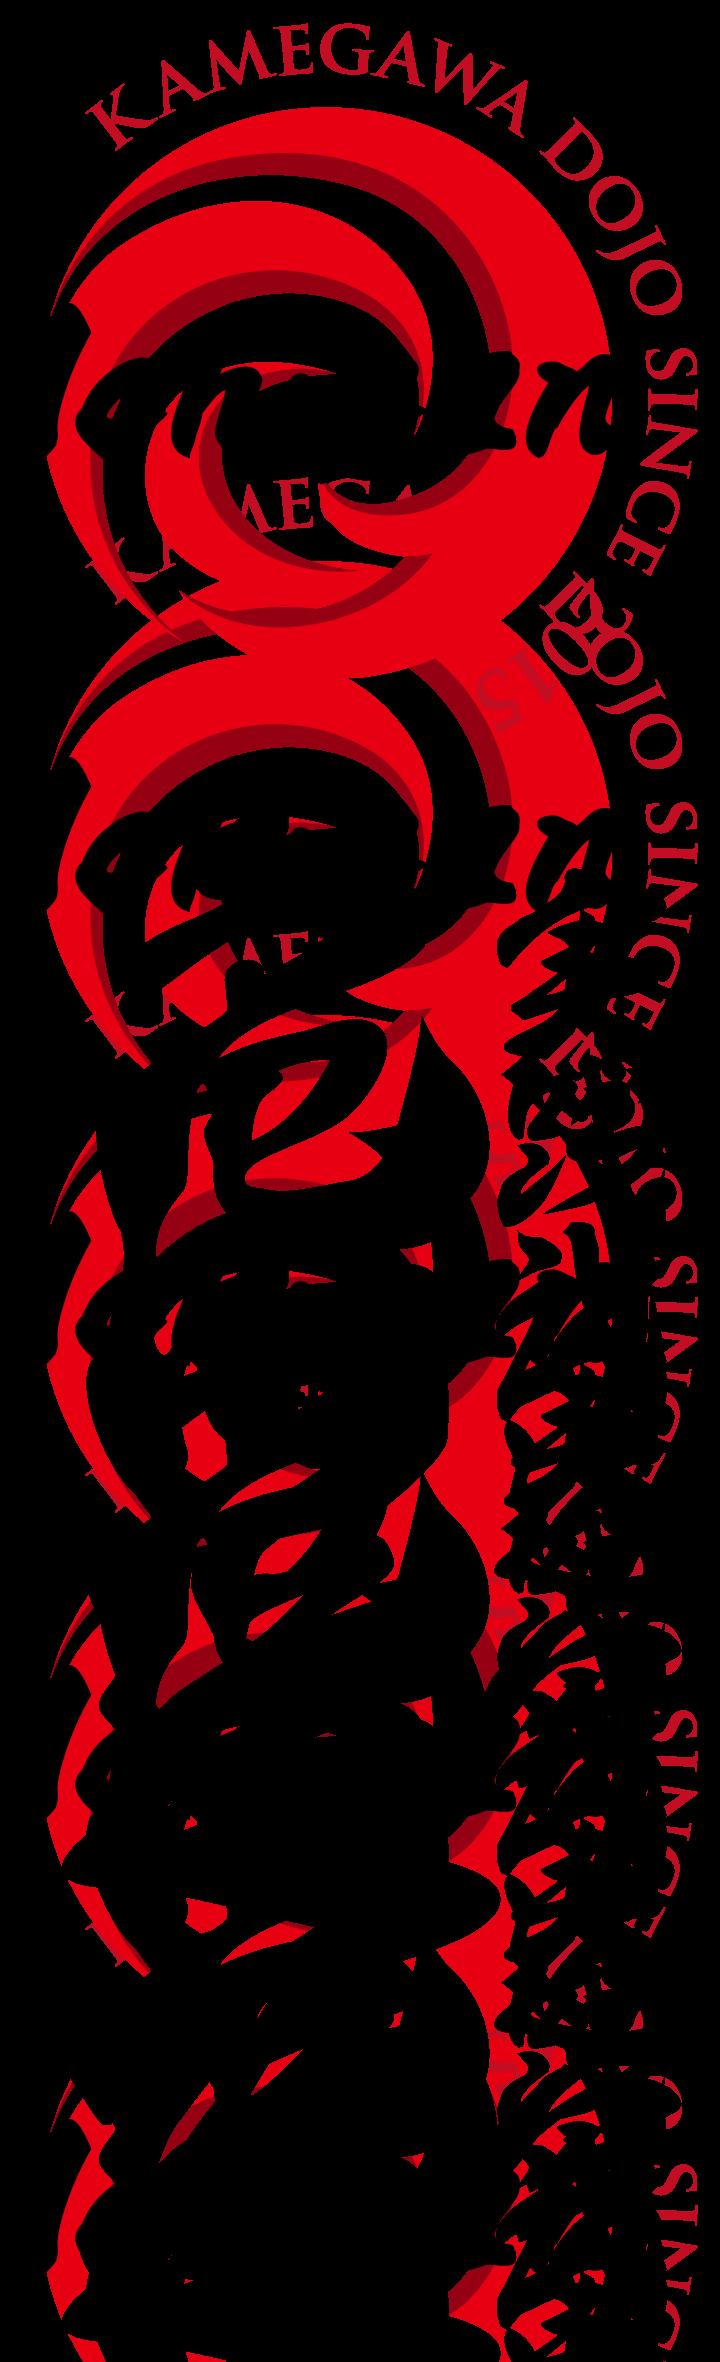 スポーツ系サービスと和風/筆タッチと黒のロゴ